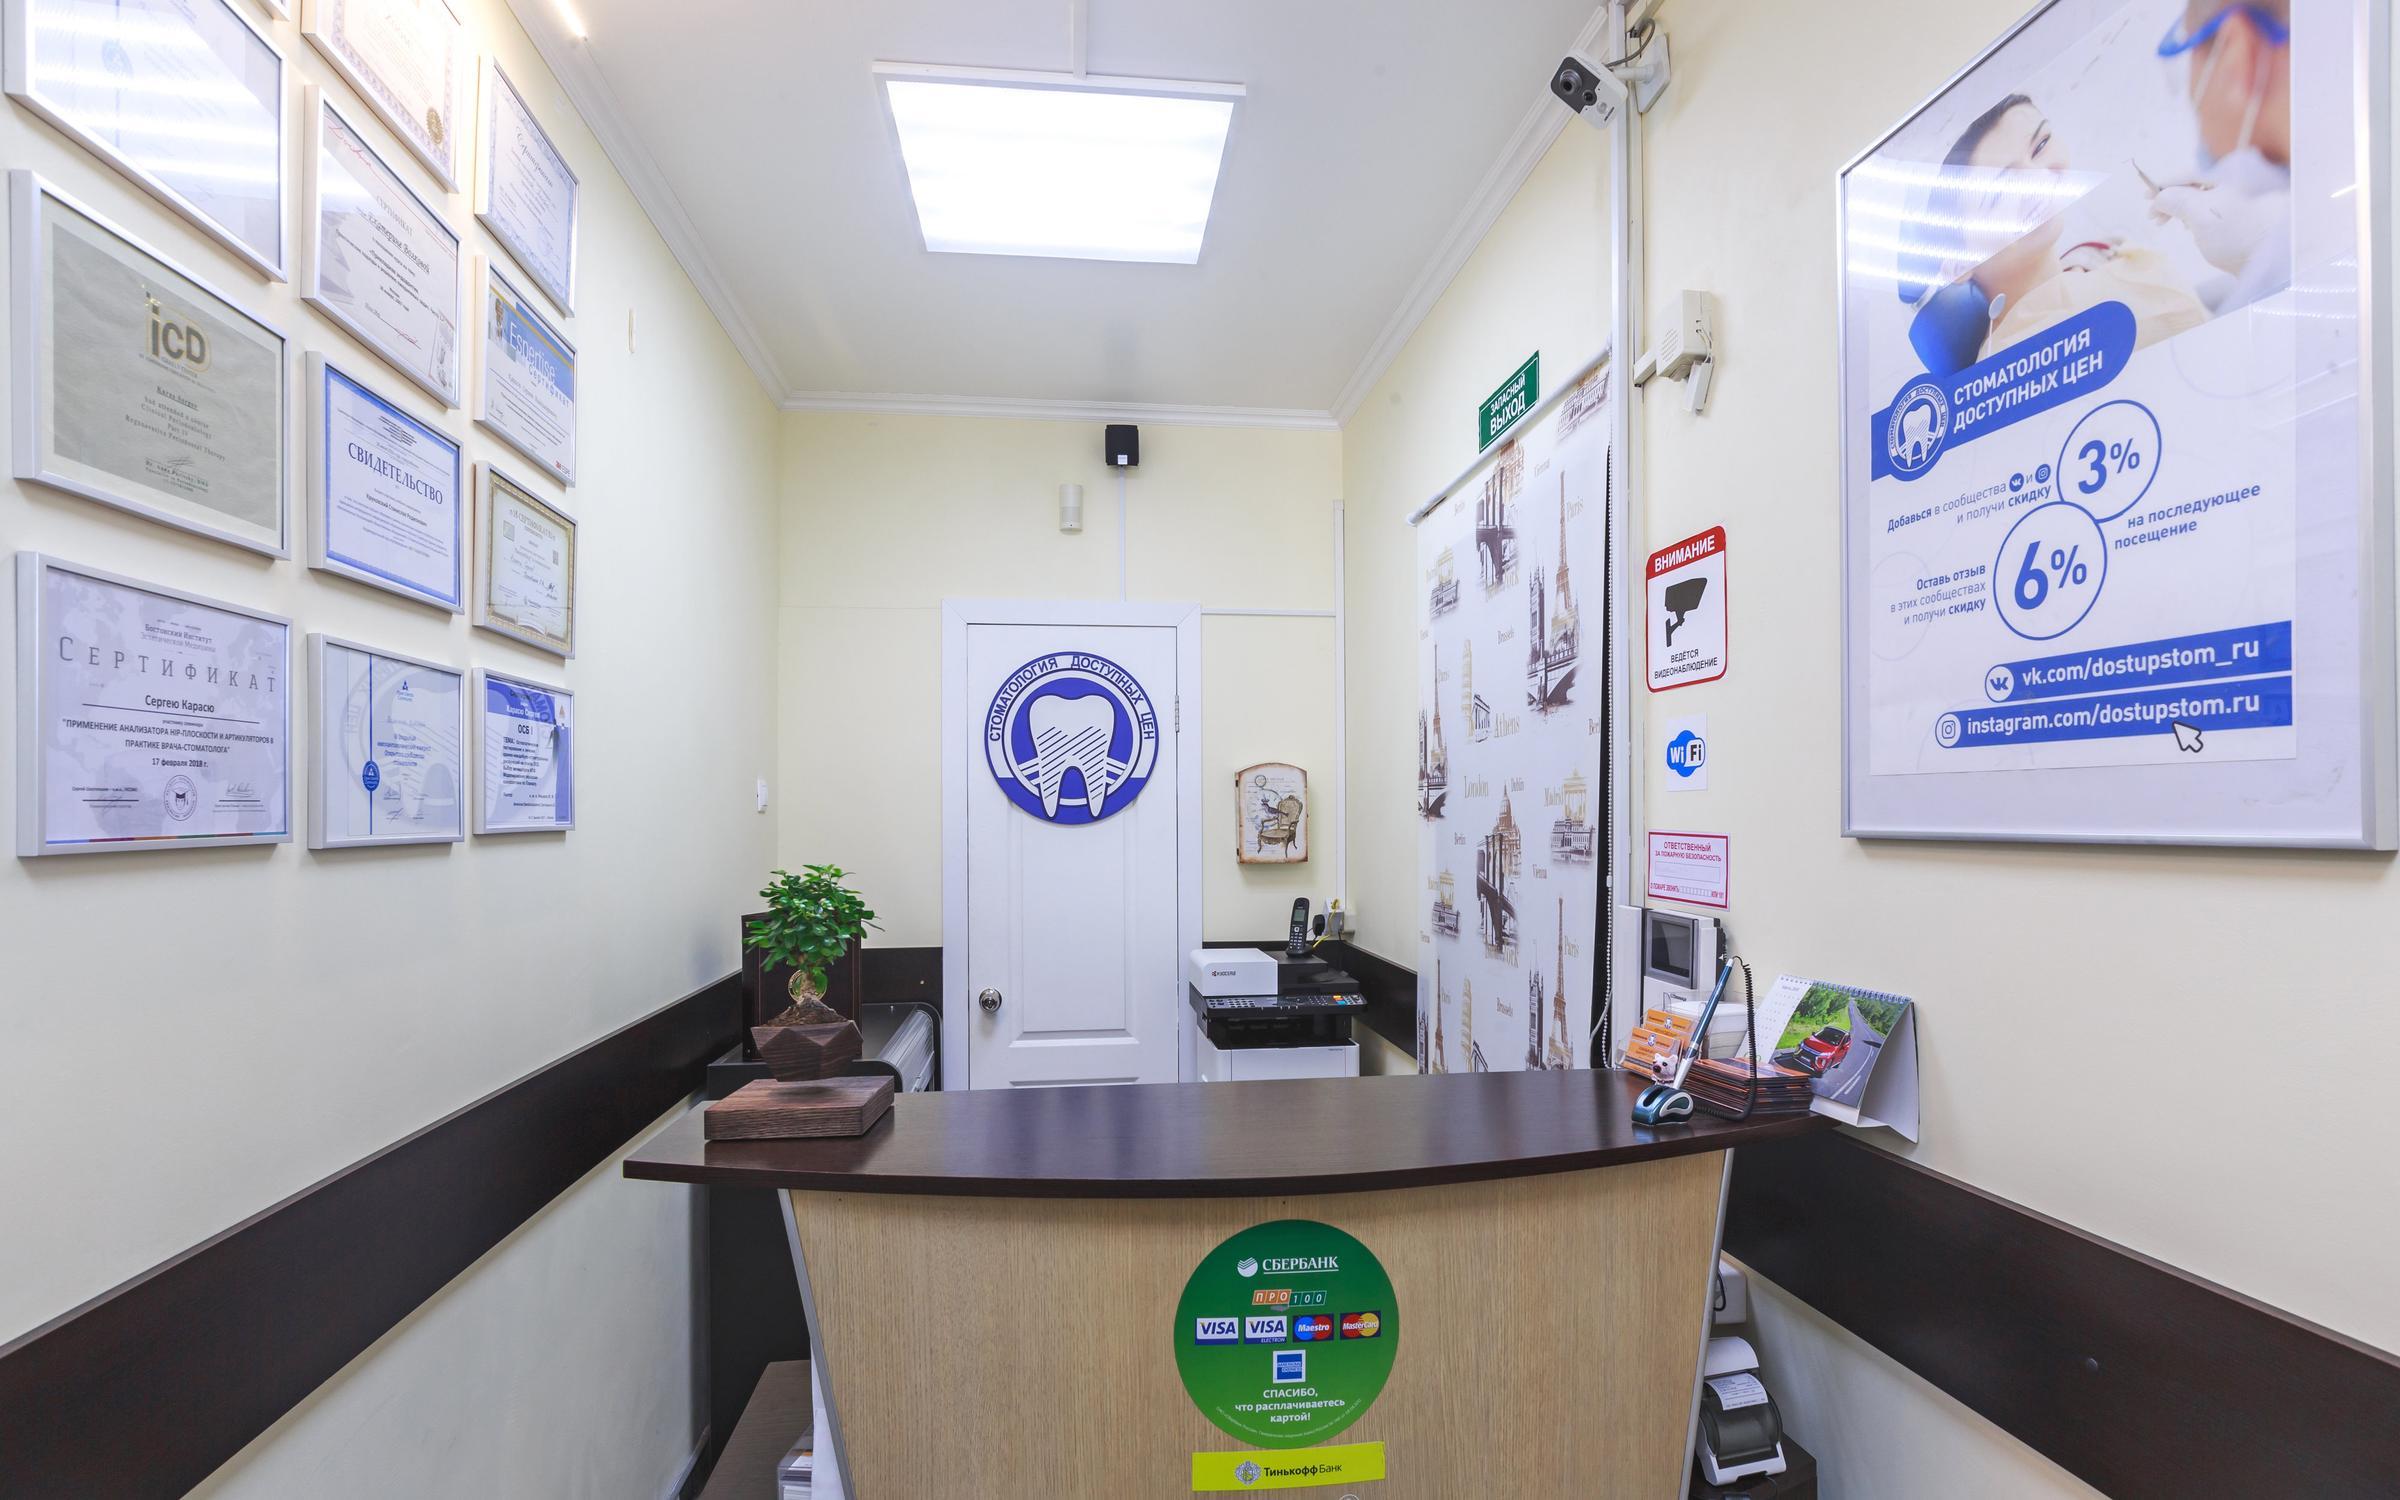 фотография Стоматологии доступных цен на Ключевой улице